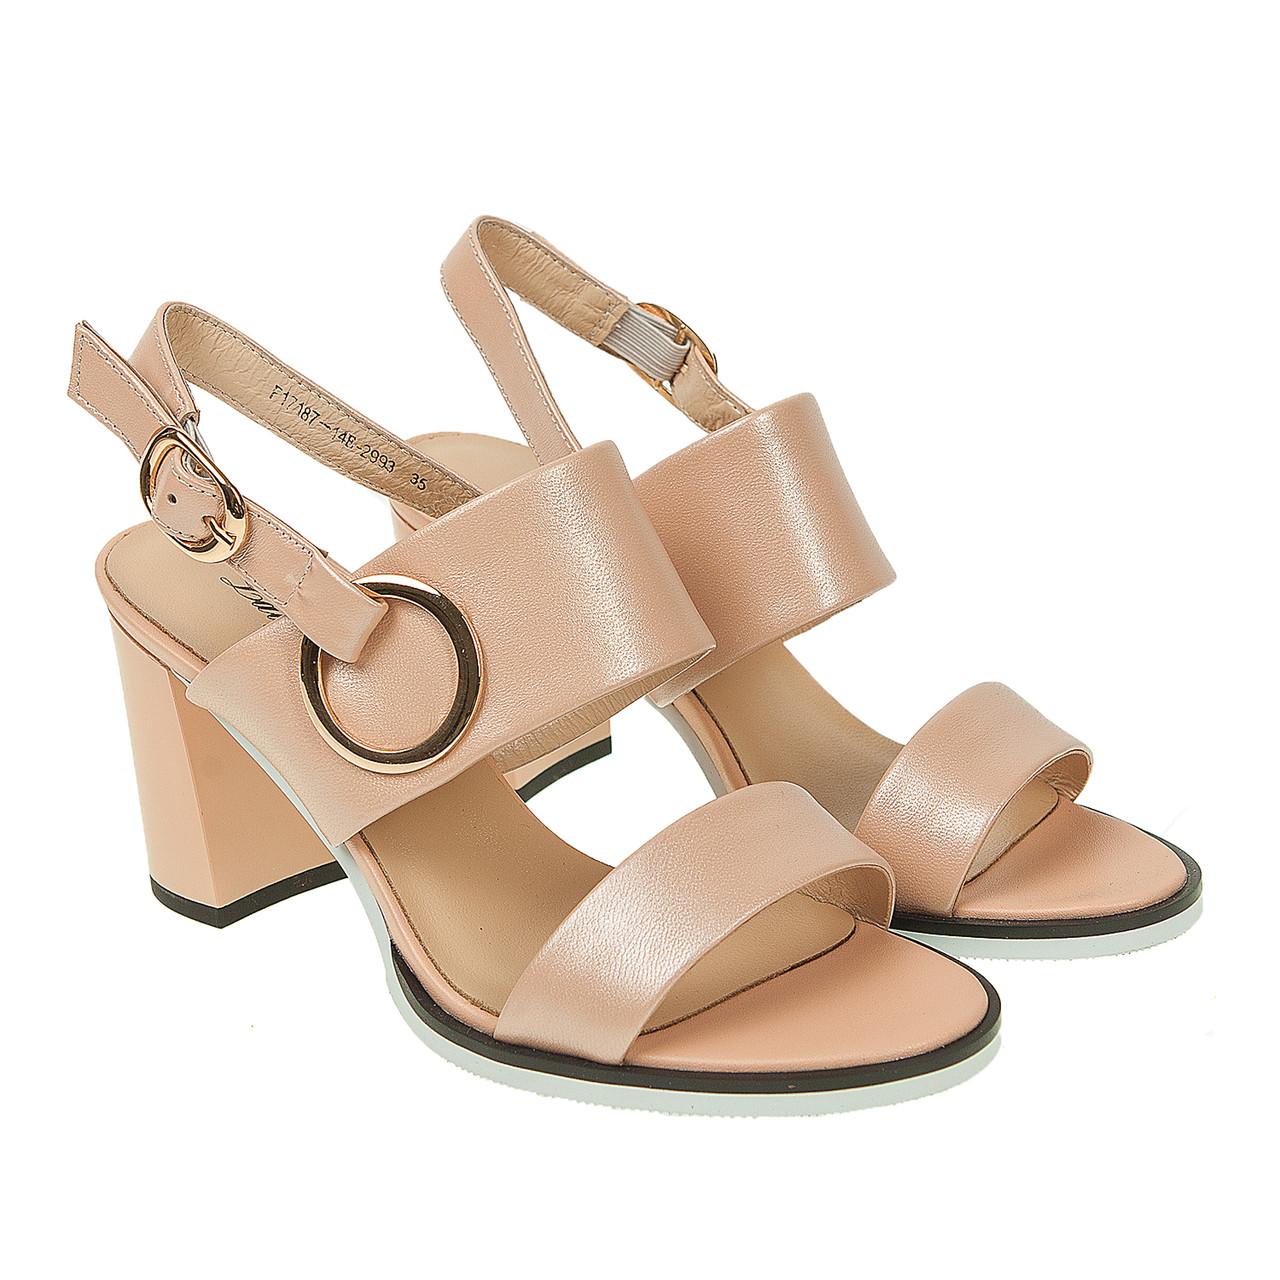 230e435433dd Босоножки женские Lady Marcia (роскошный оттенок с блеском, на удобном  каблуке), цена 795 ...